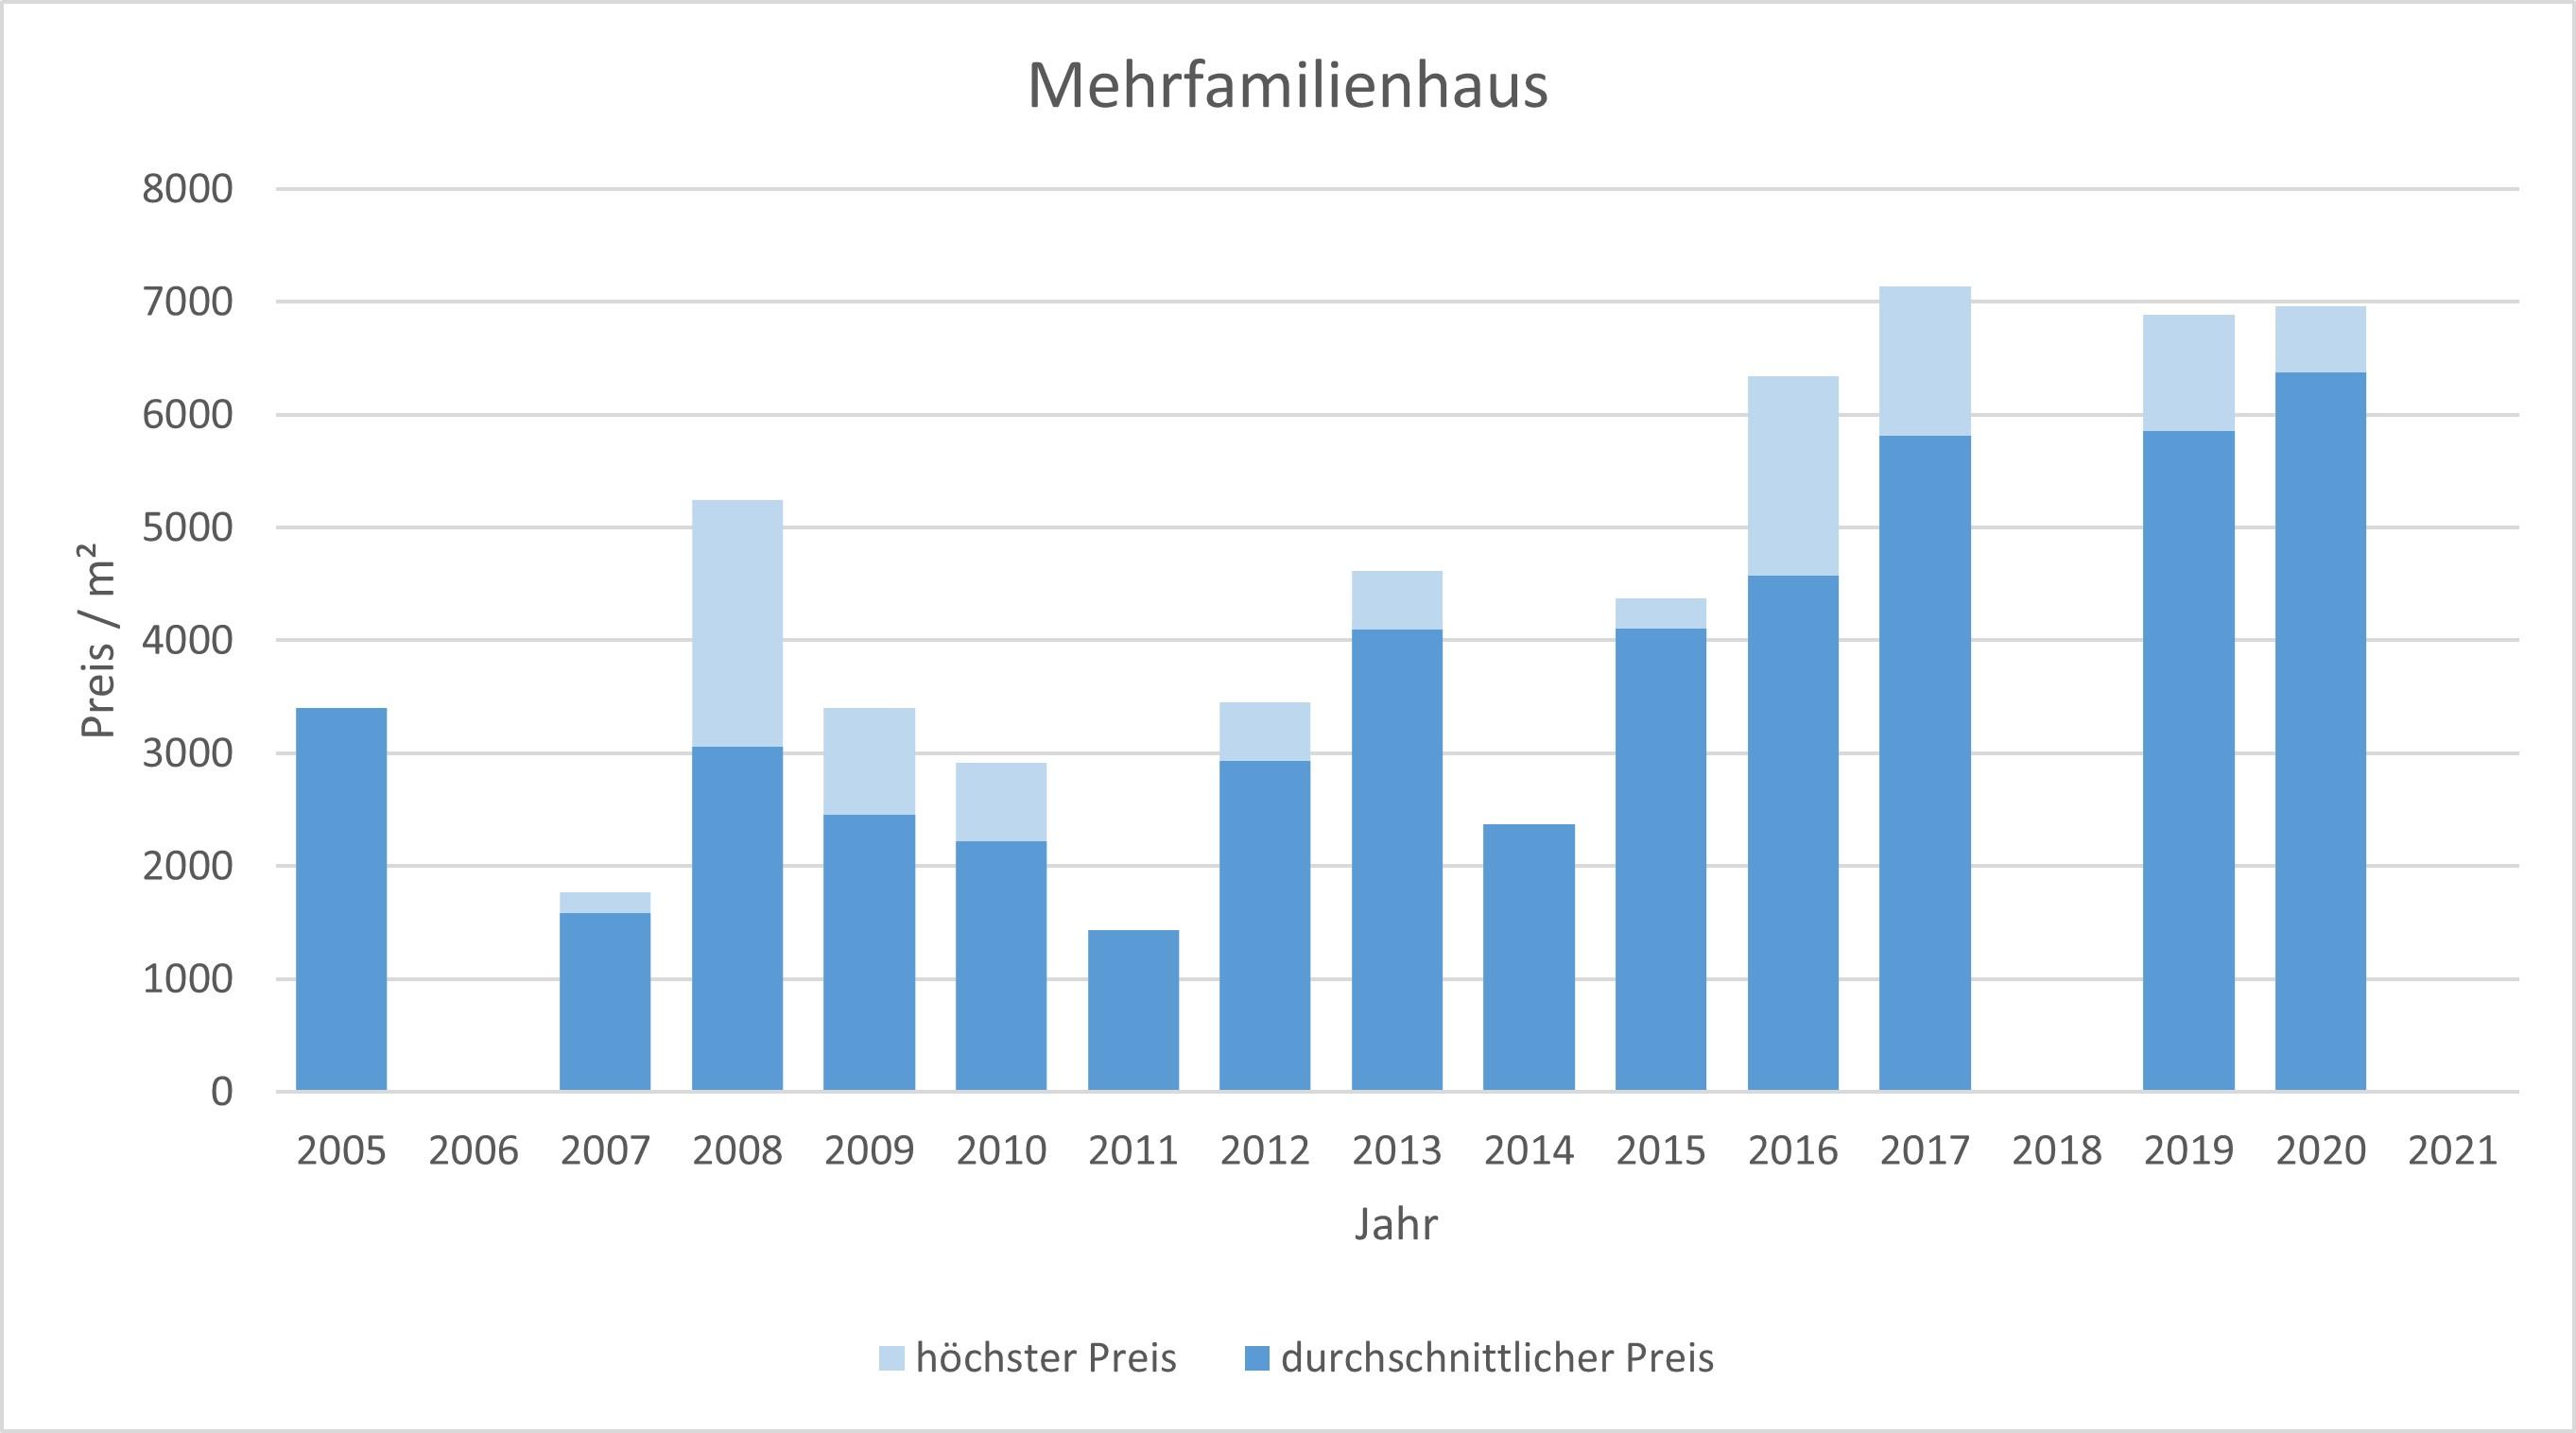 Taufkirchen Mehrfamilienhaus kaufen verkaufen Preis Bewertung Makler 2019 2020 2021 www.happy-immo.de